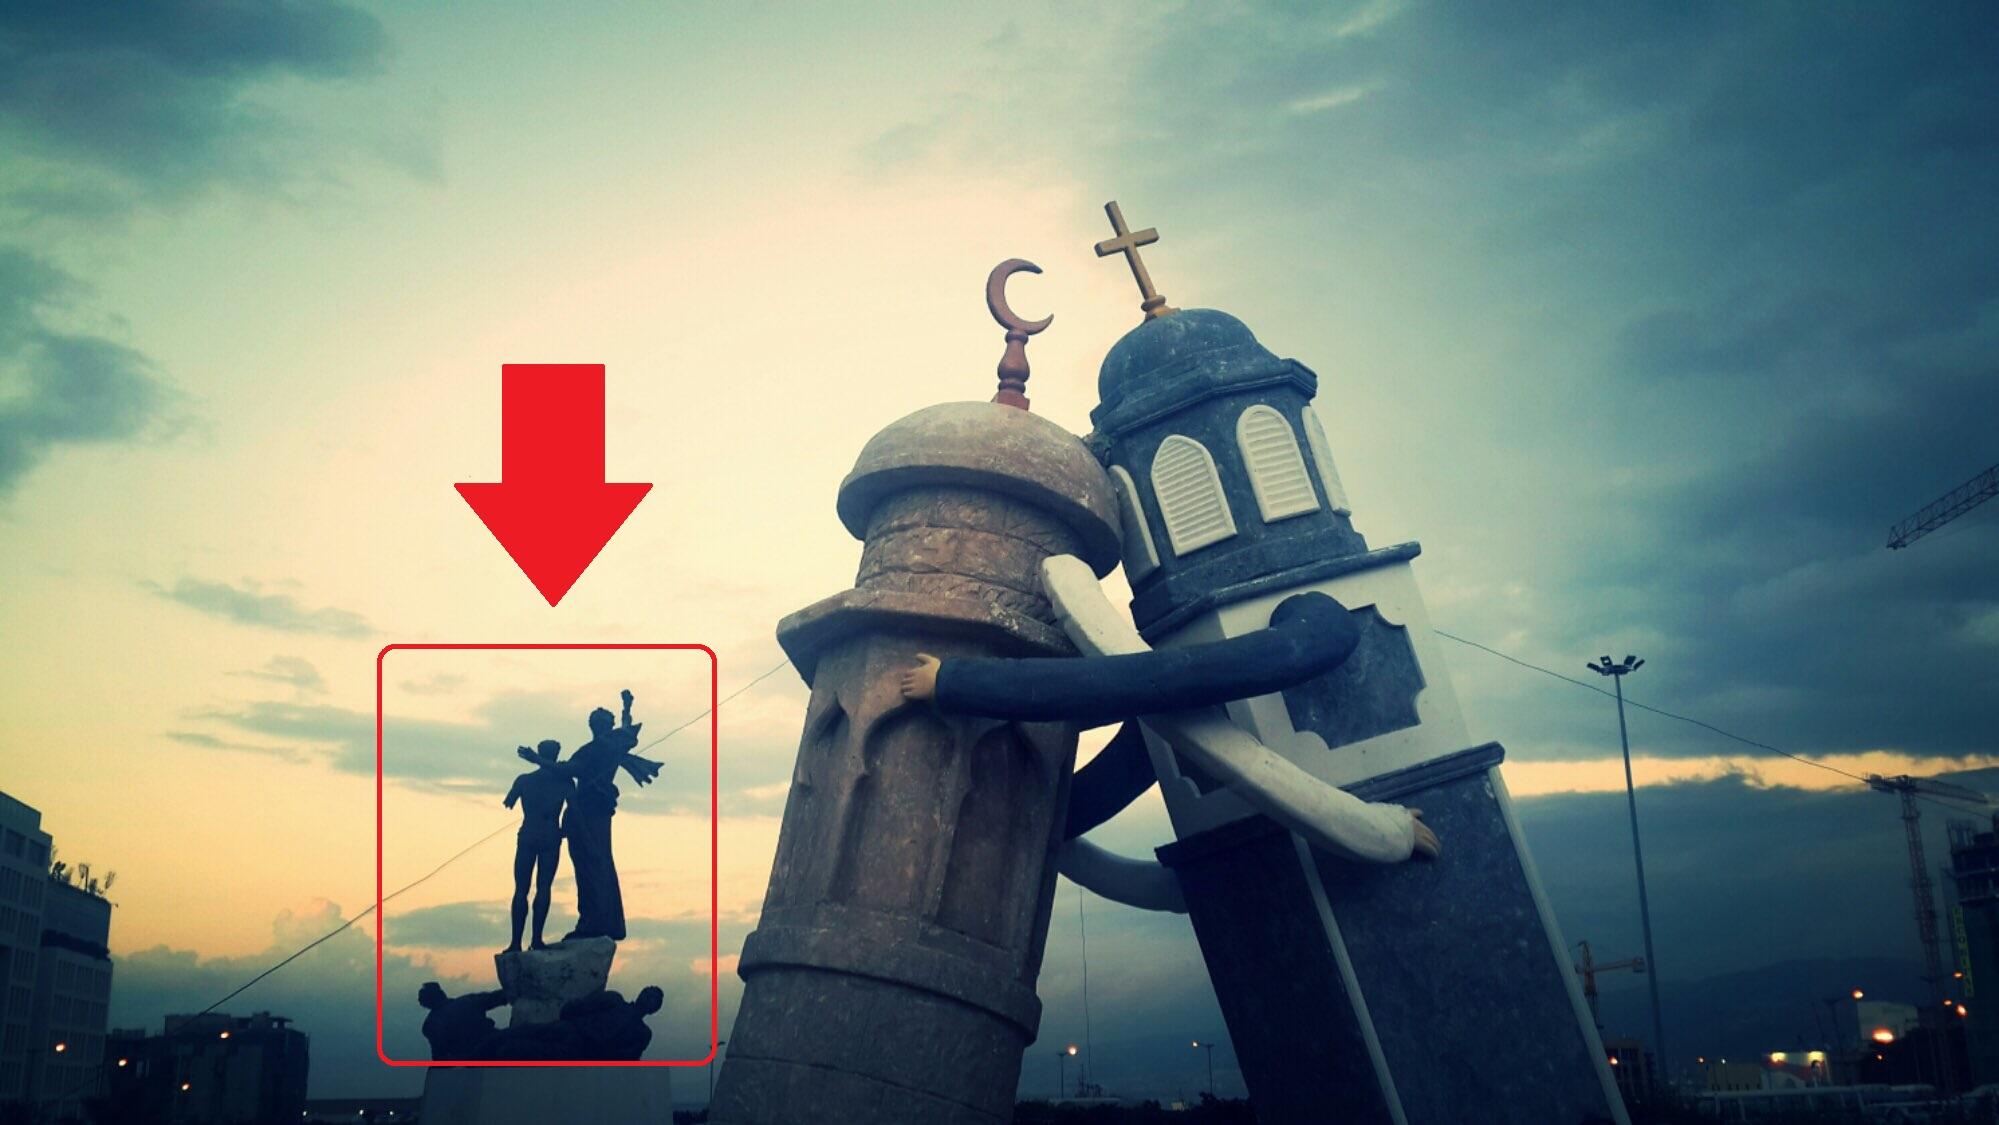 صورة ادعاء المسجد والكنيسة من زاوية أخرى والمنحوتة التي تظهر في الخلفية